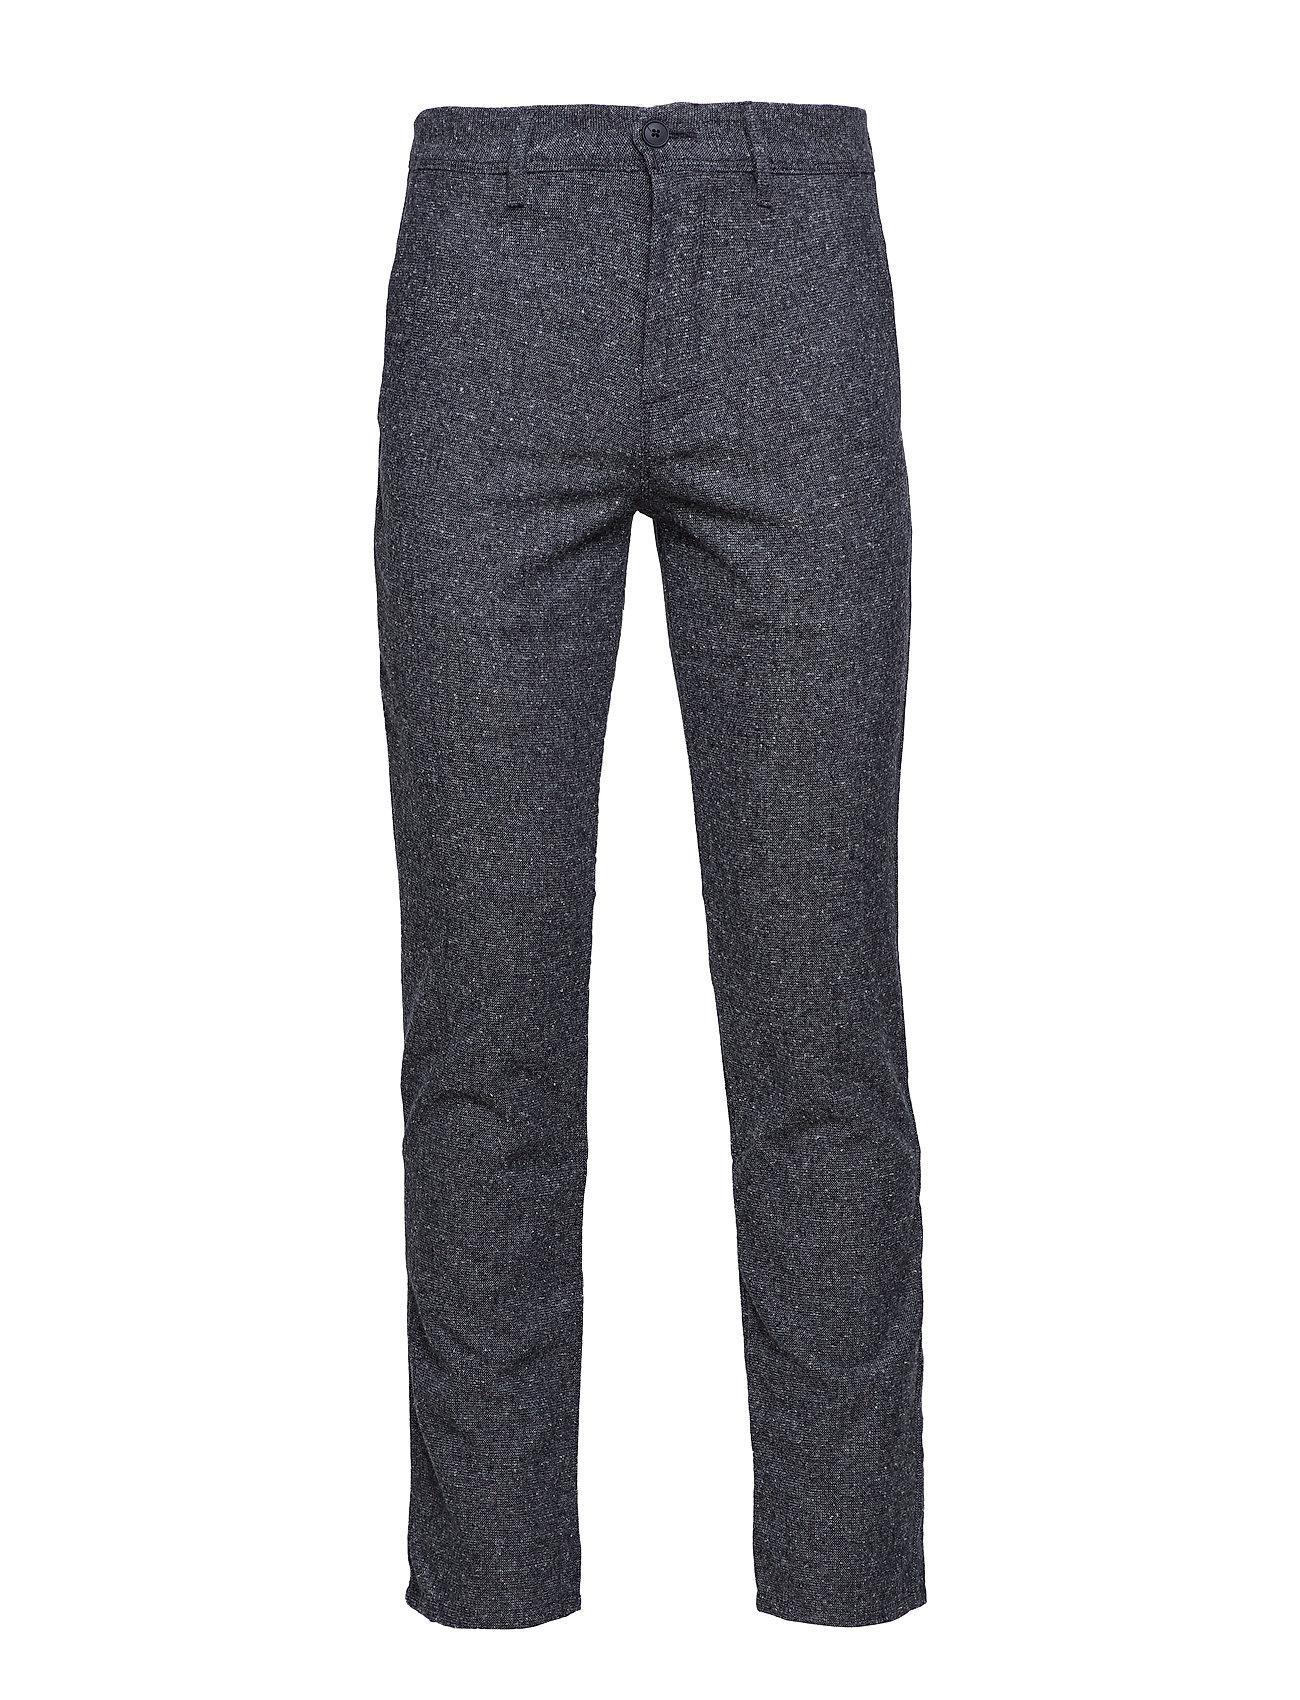 Image of Schino-Tapered Habitbukser Stylede Bukser Grå Boss Casual Wear (3098390127)